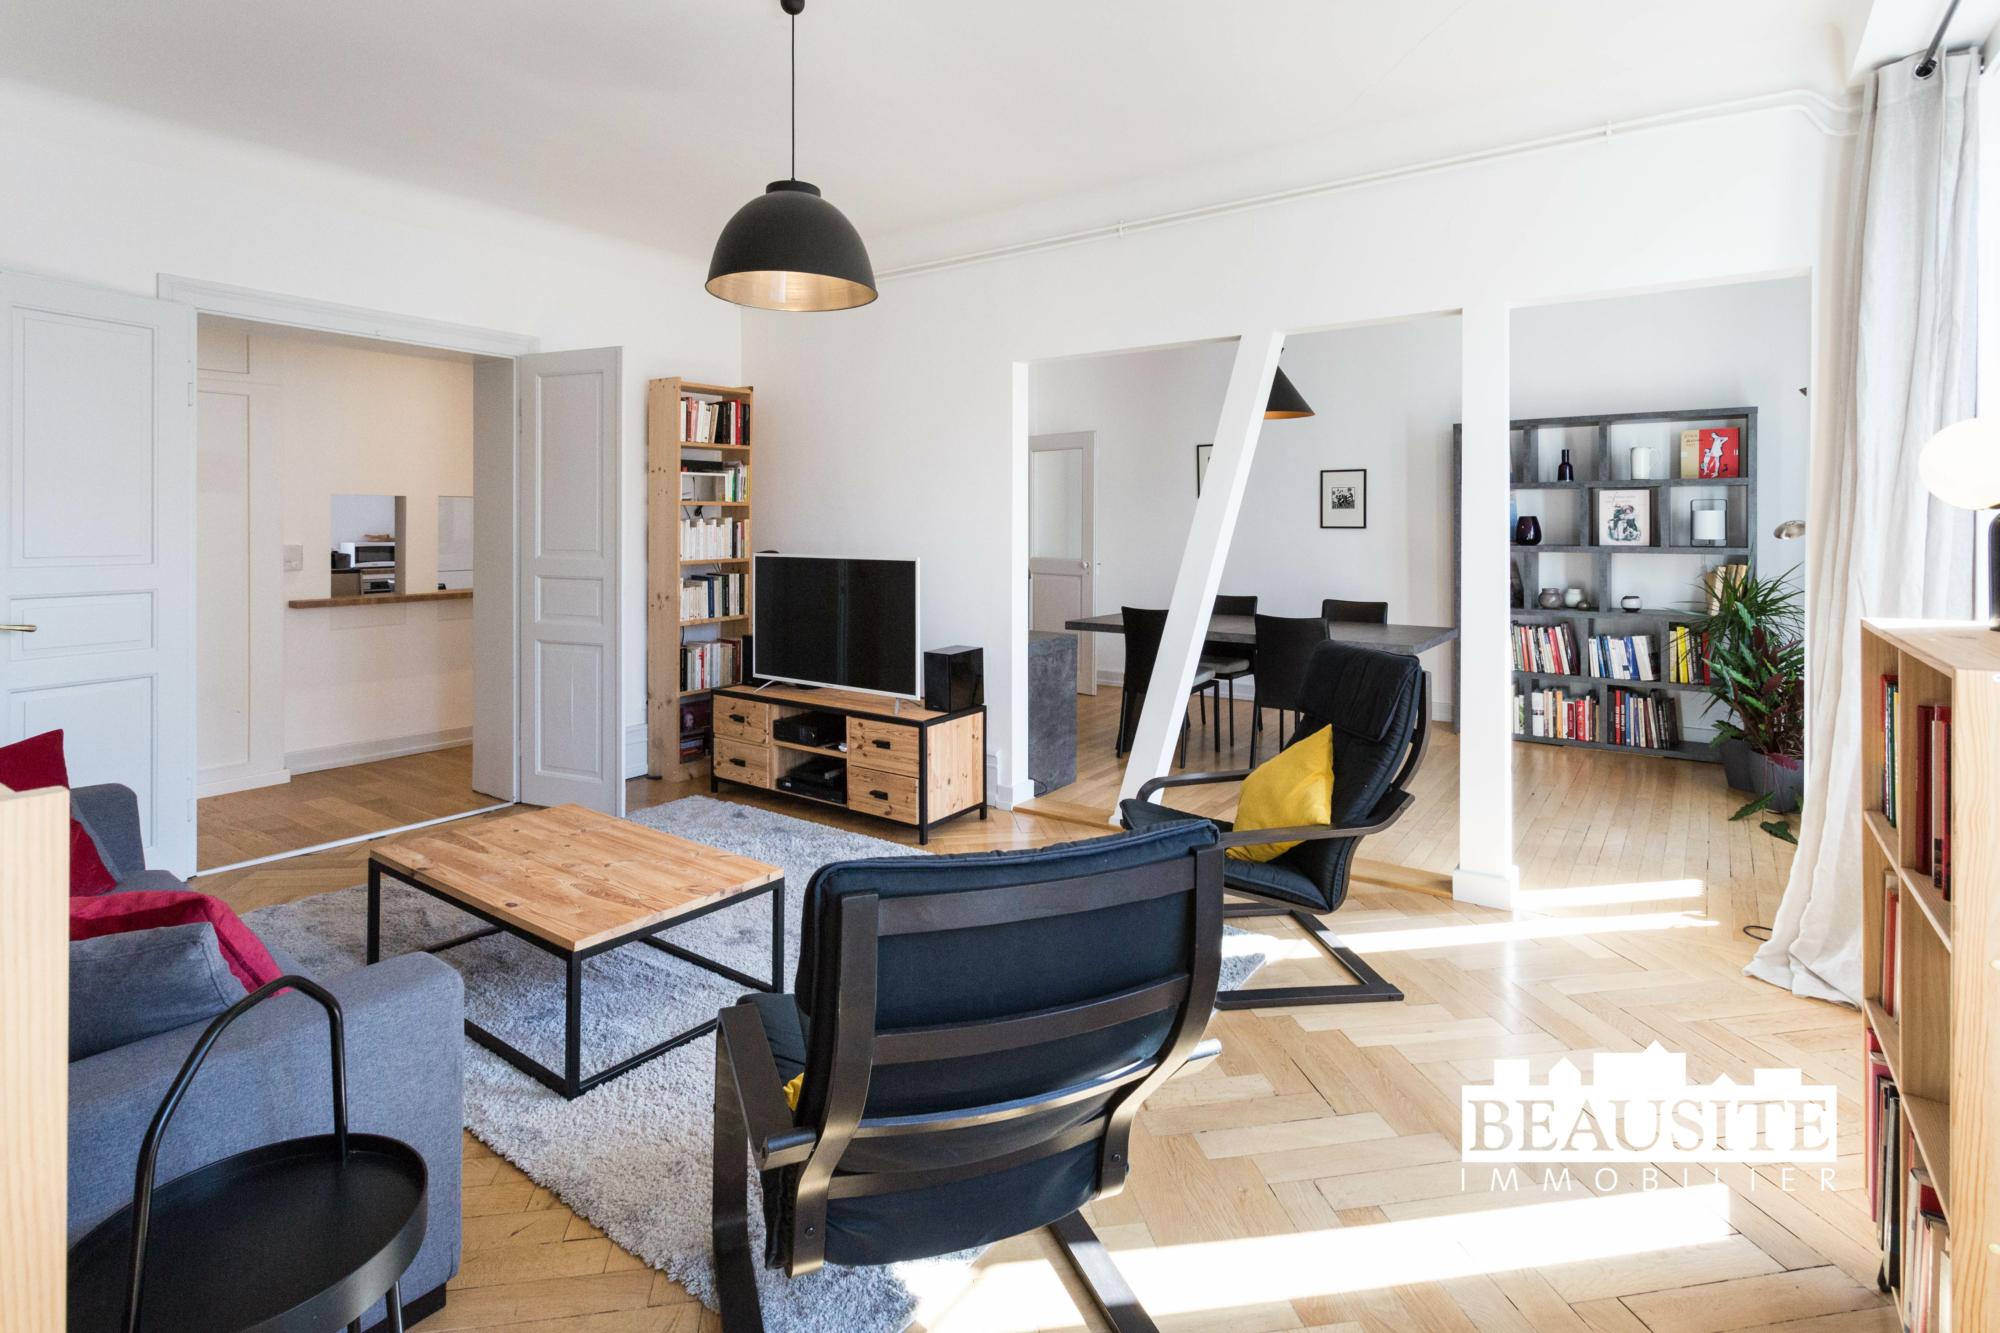 [Sobremesa] L'appartement 5 pièces chaleureux et convivial - Strasbourg / Boulevard du Président Poincaré - nos ventes - Beausite Immobilier 4